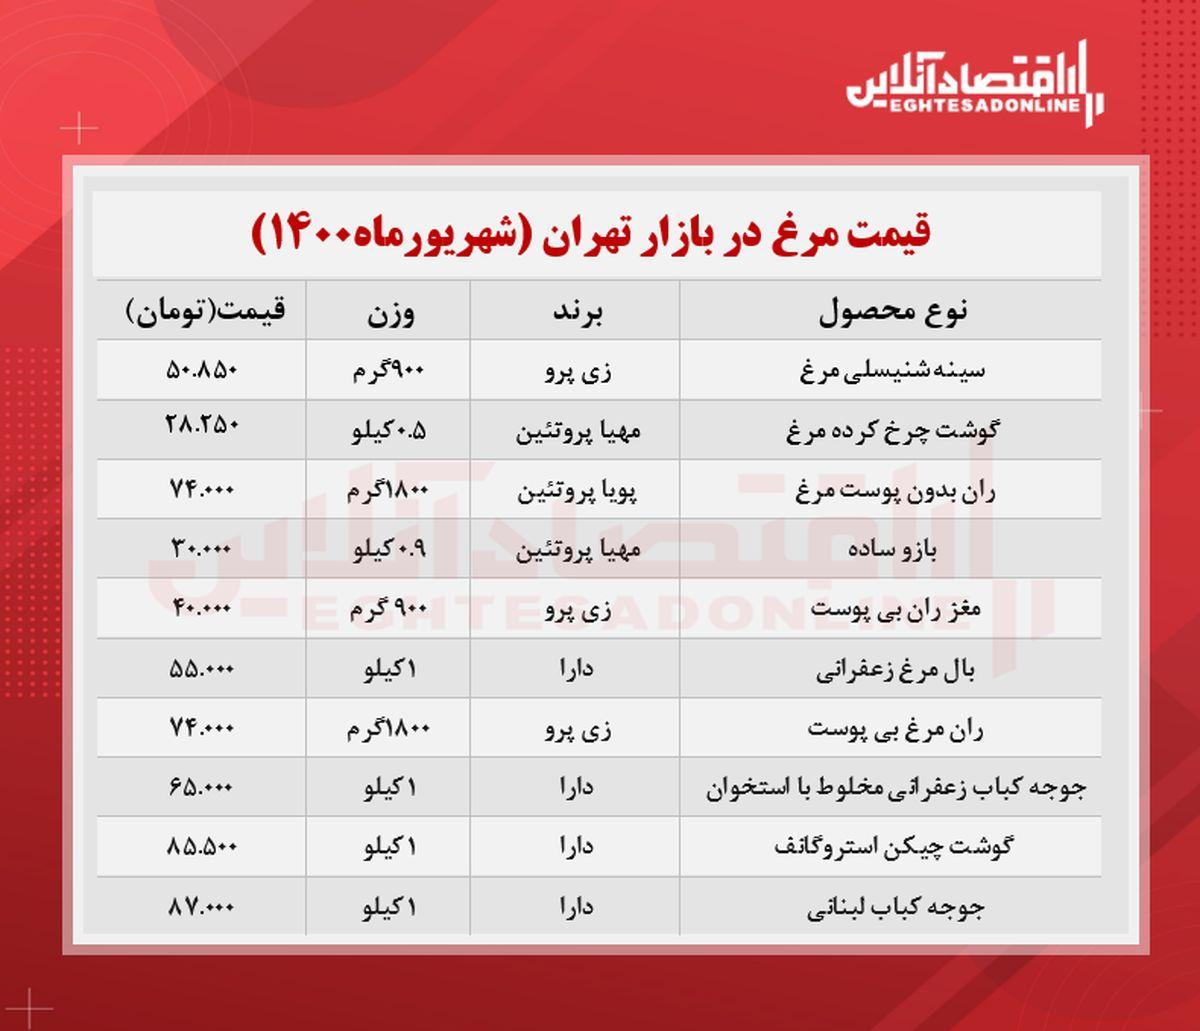 قیمت جدید گوشت مرغ در بازار (شهریور۱۴۰۰) + جدول